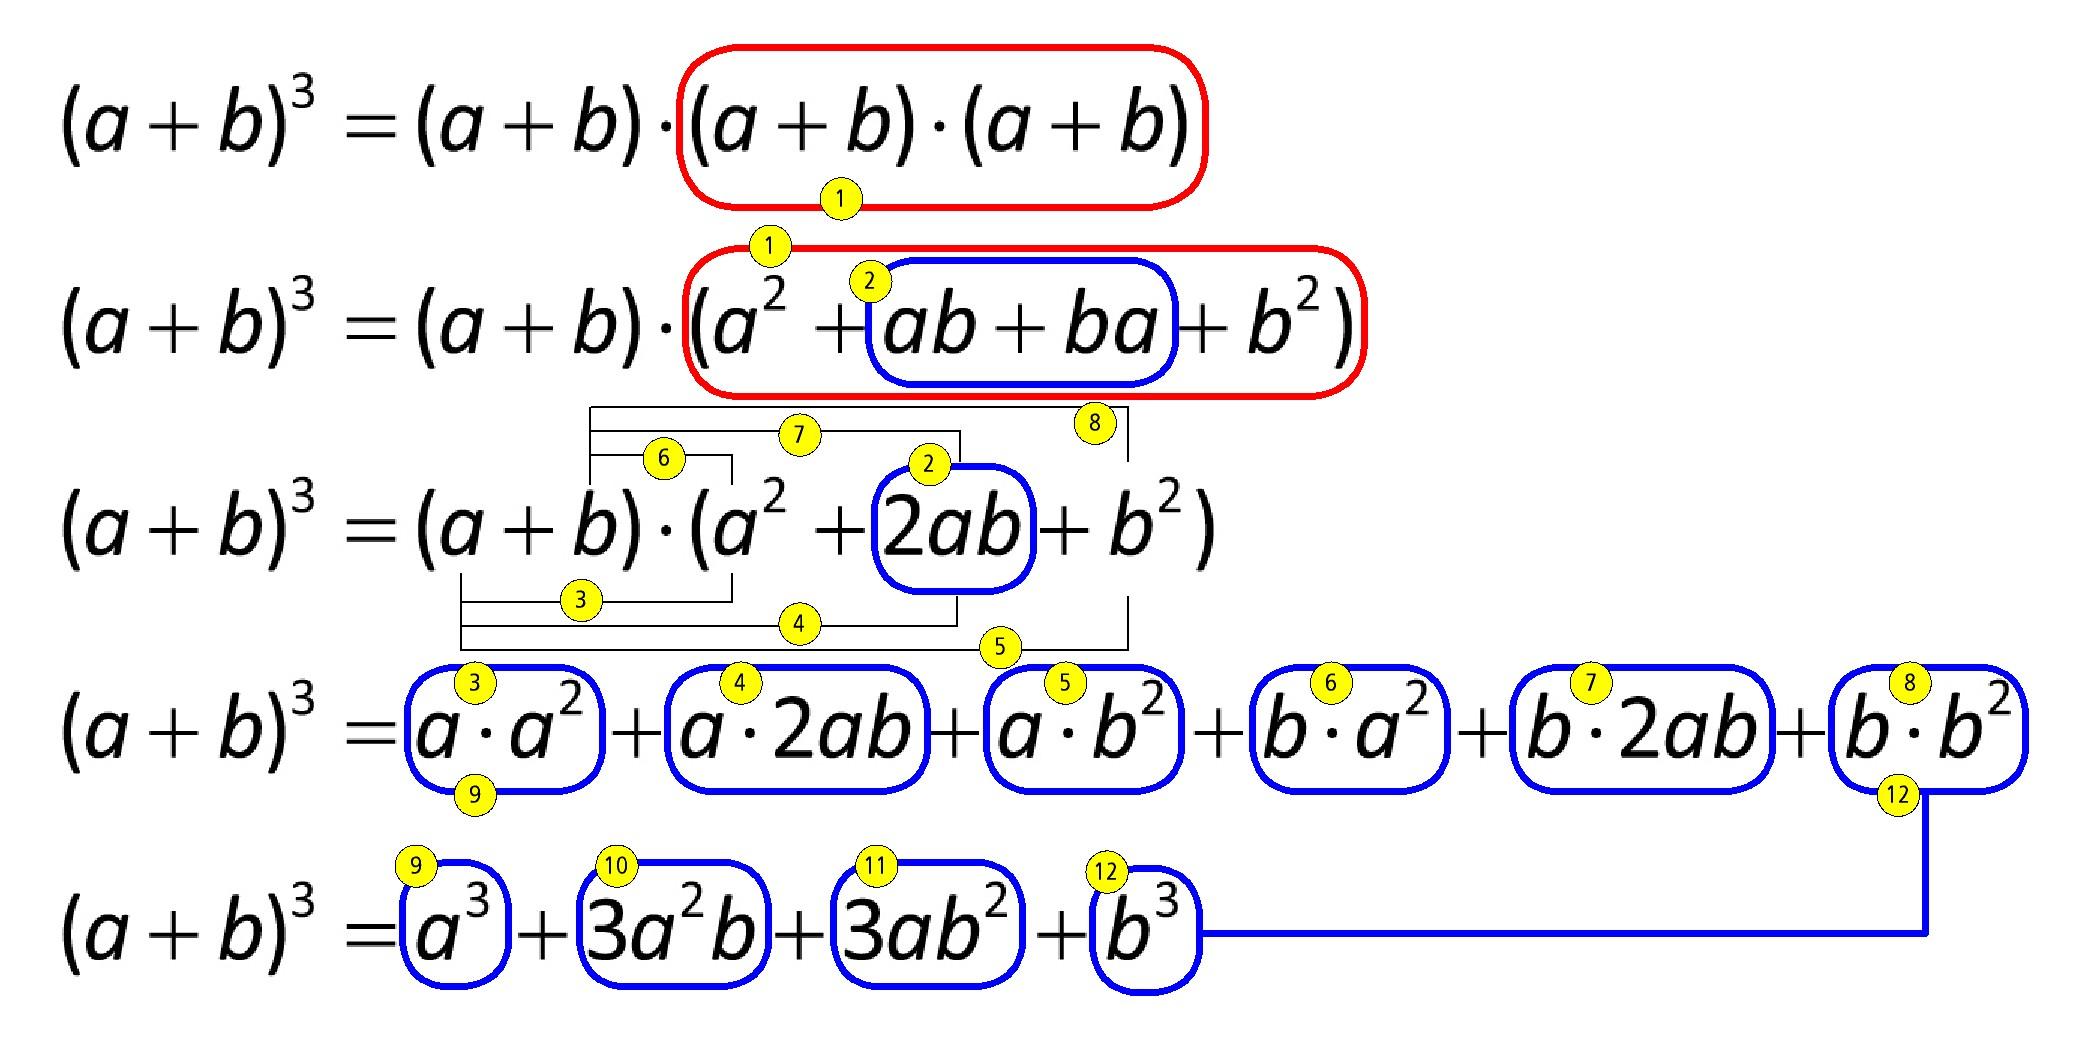 wie funktioniert das aufl sen der binomischen formel hoch 3 siehe anhang mathe mathematik. Black Bedroom Furniture Sets. Home Design Ideas